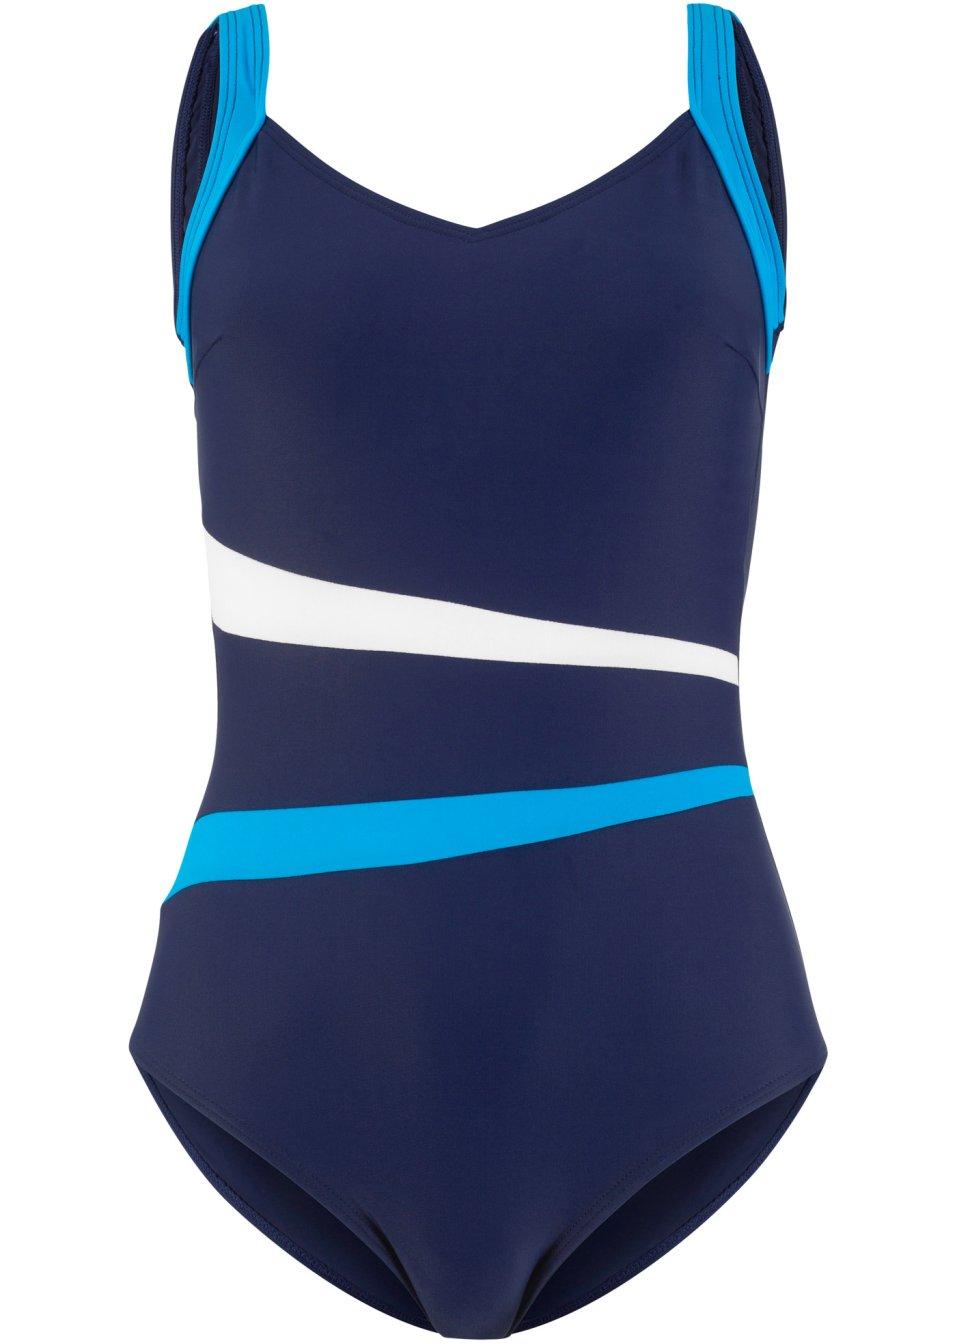 Stilvoller Badeanzug mit vielen Details - dunkelblau/weiß/türkis vIT9H 7tPkd